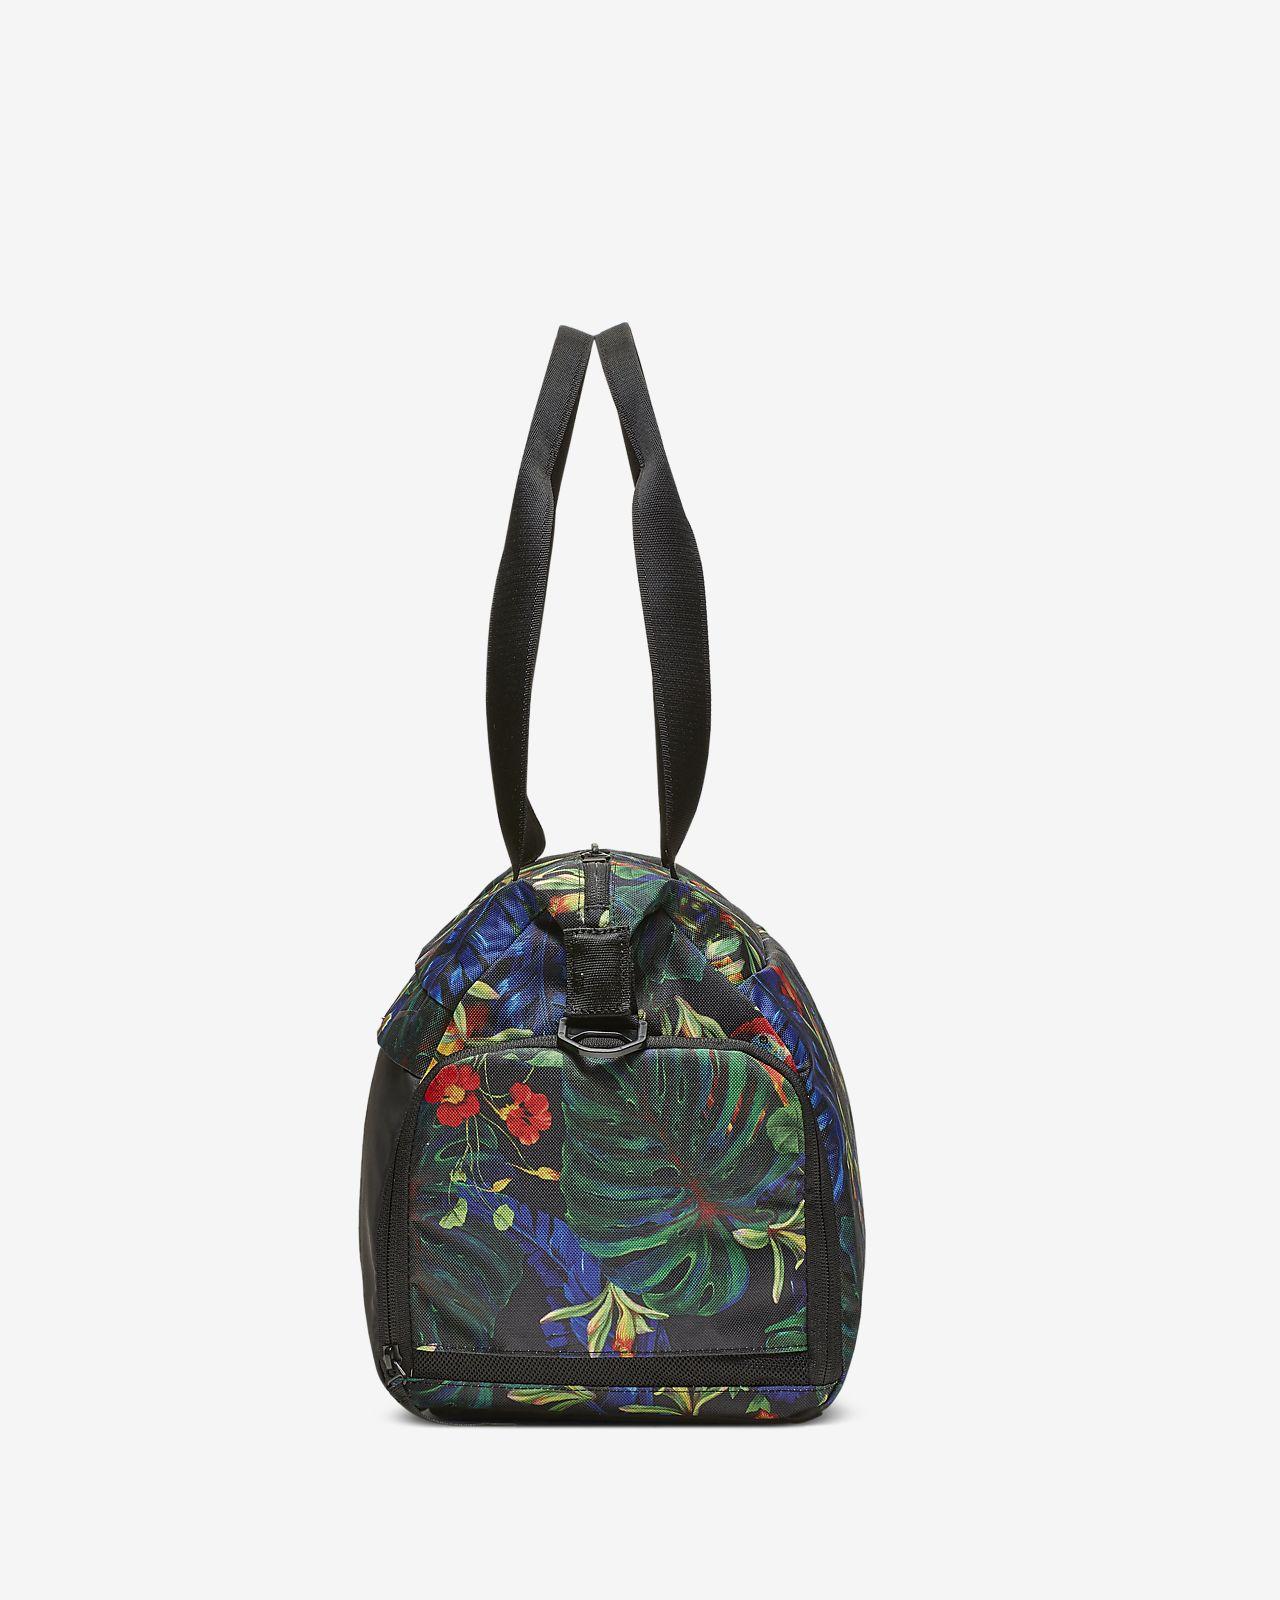 f3e6ca641542 Женская сумка с принтом для тренинга Nike Radiate Club. Nike.com RU